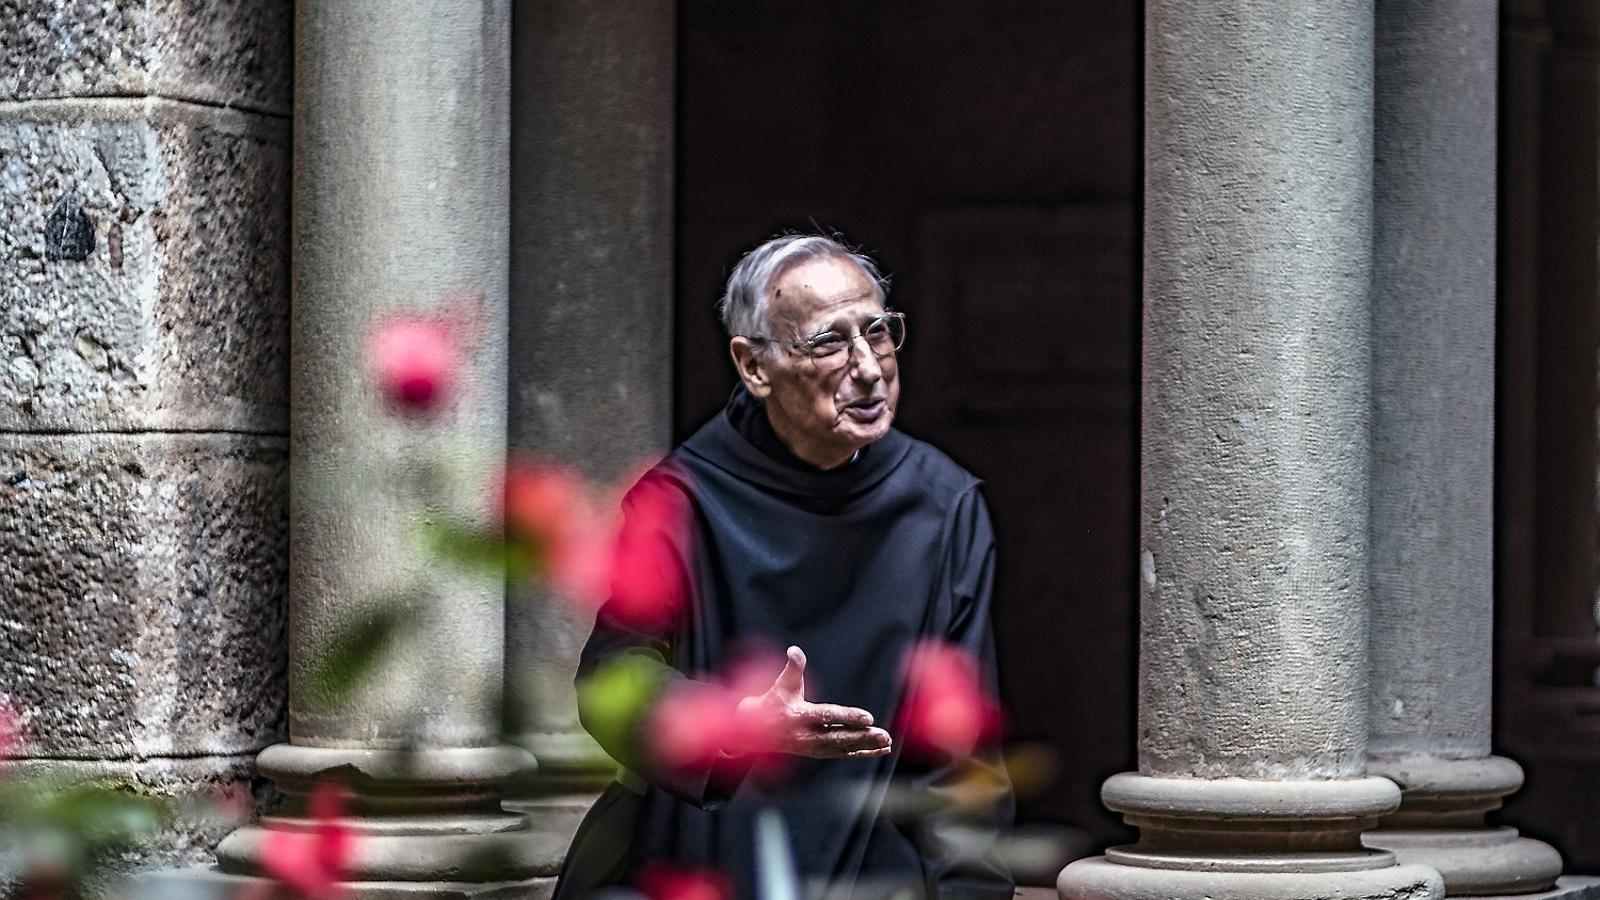 El pare Hilari Raguer al claustre del monestir de Montserrat el 2018, després de fer 90 anys.